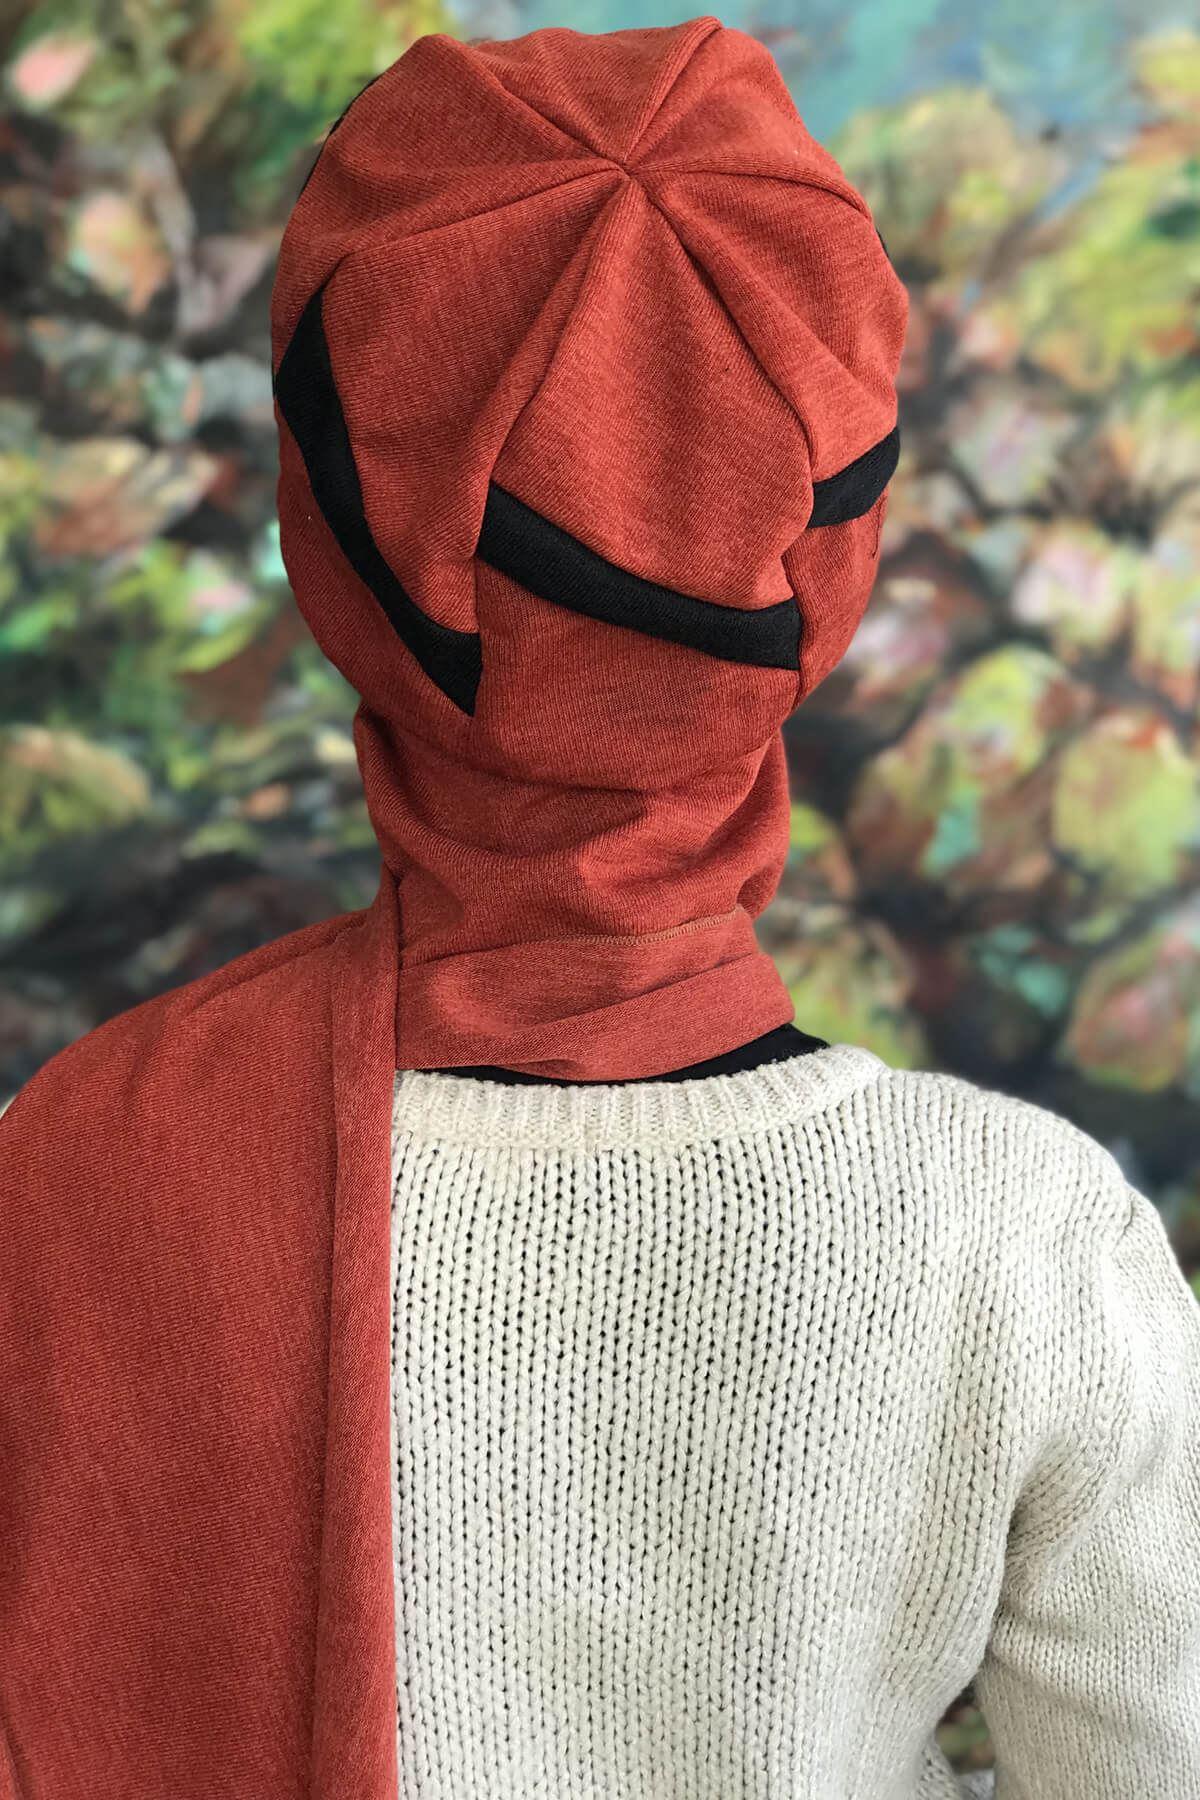 Bakır Tarçın Renkli Tokalı Siyah Şeritli Atkılı Şapka şal